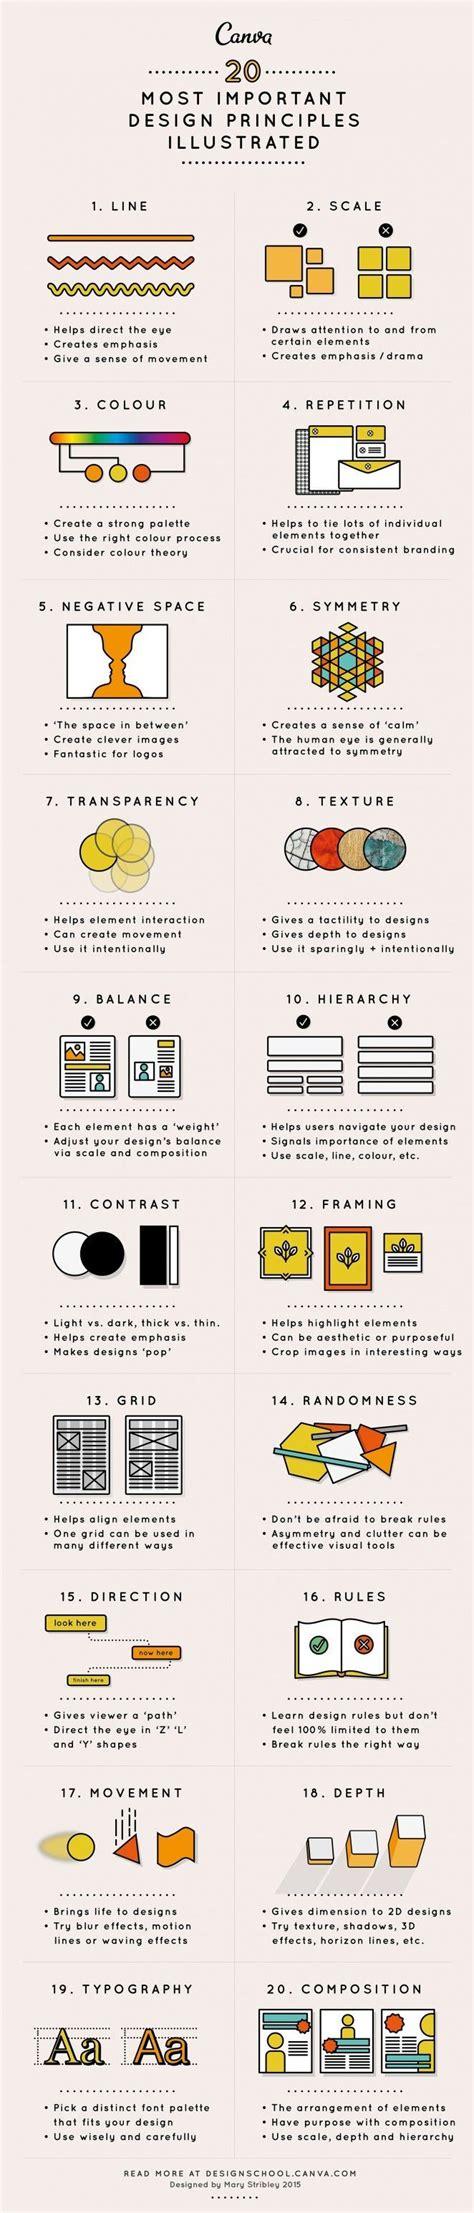 Design Elements And Principles Canva | design elements and principles tips and inspiration by